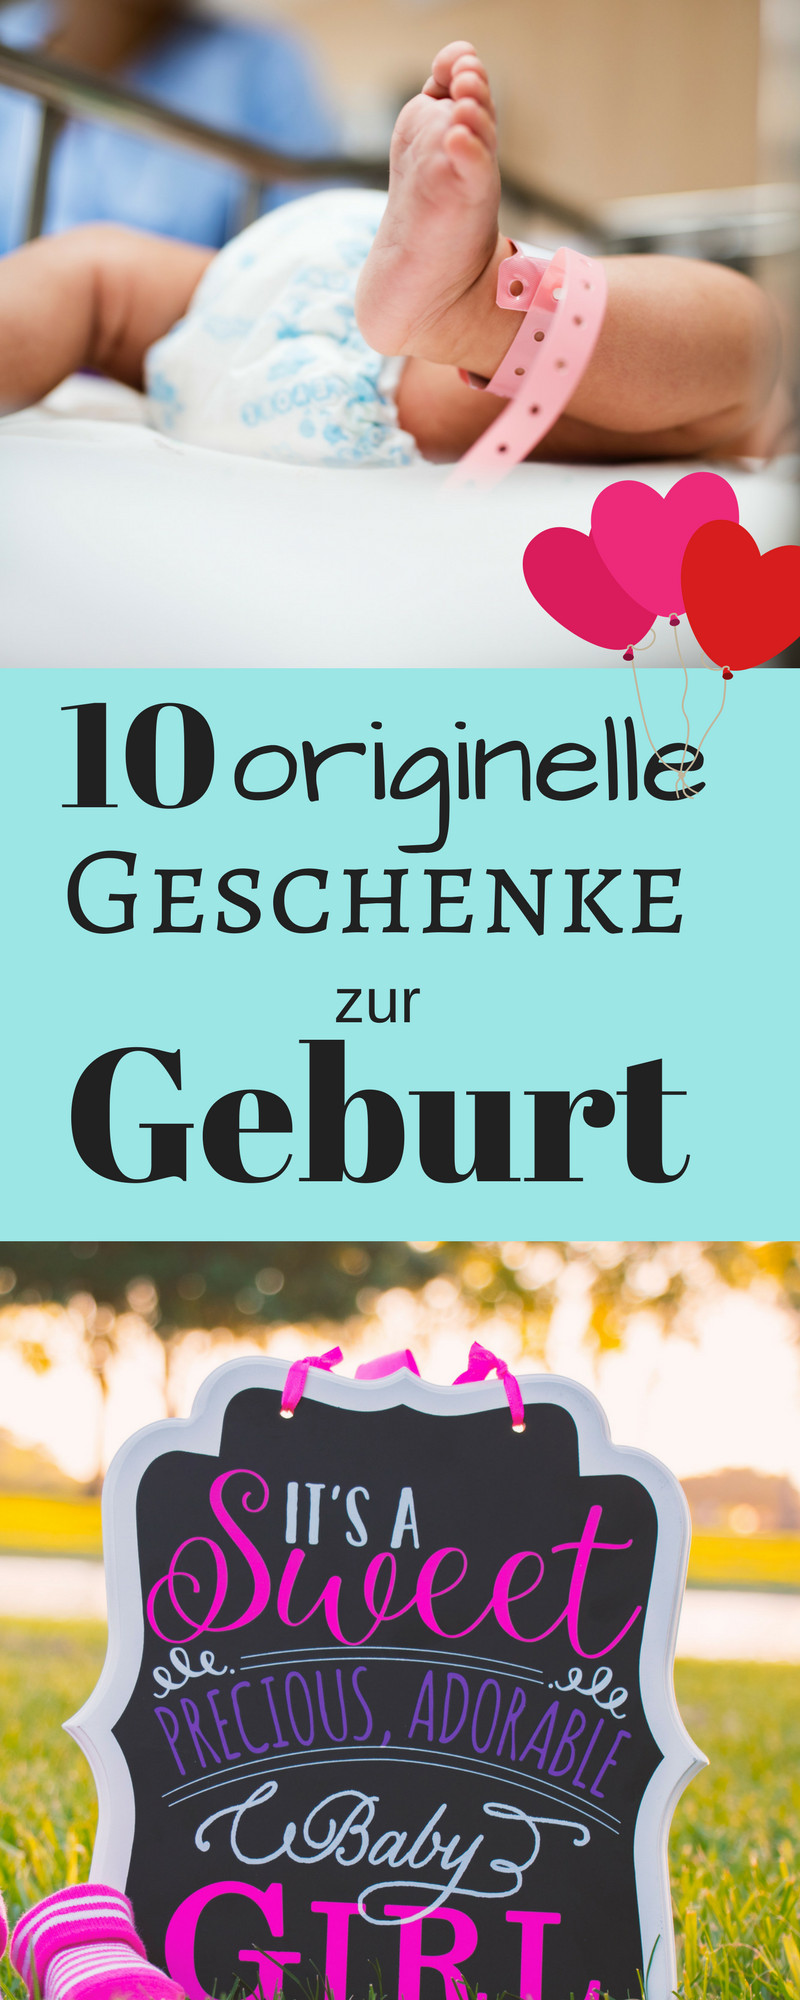 Geschenkideen Junge 8  10 originelle Geschenke zur Geburt für Mädchen & Jungs